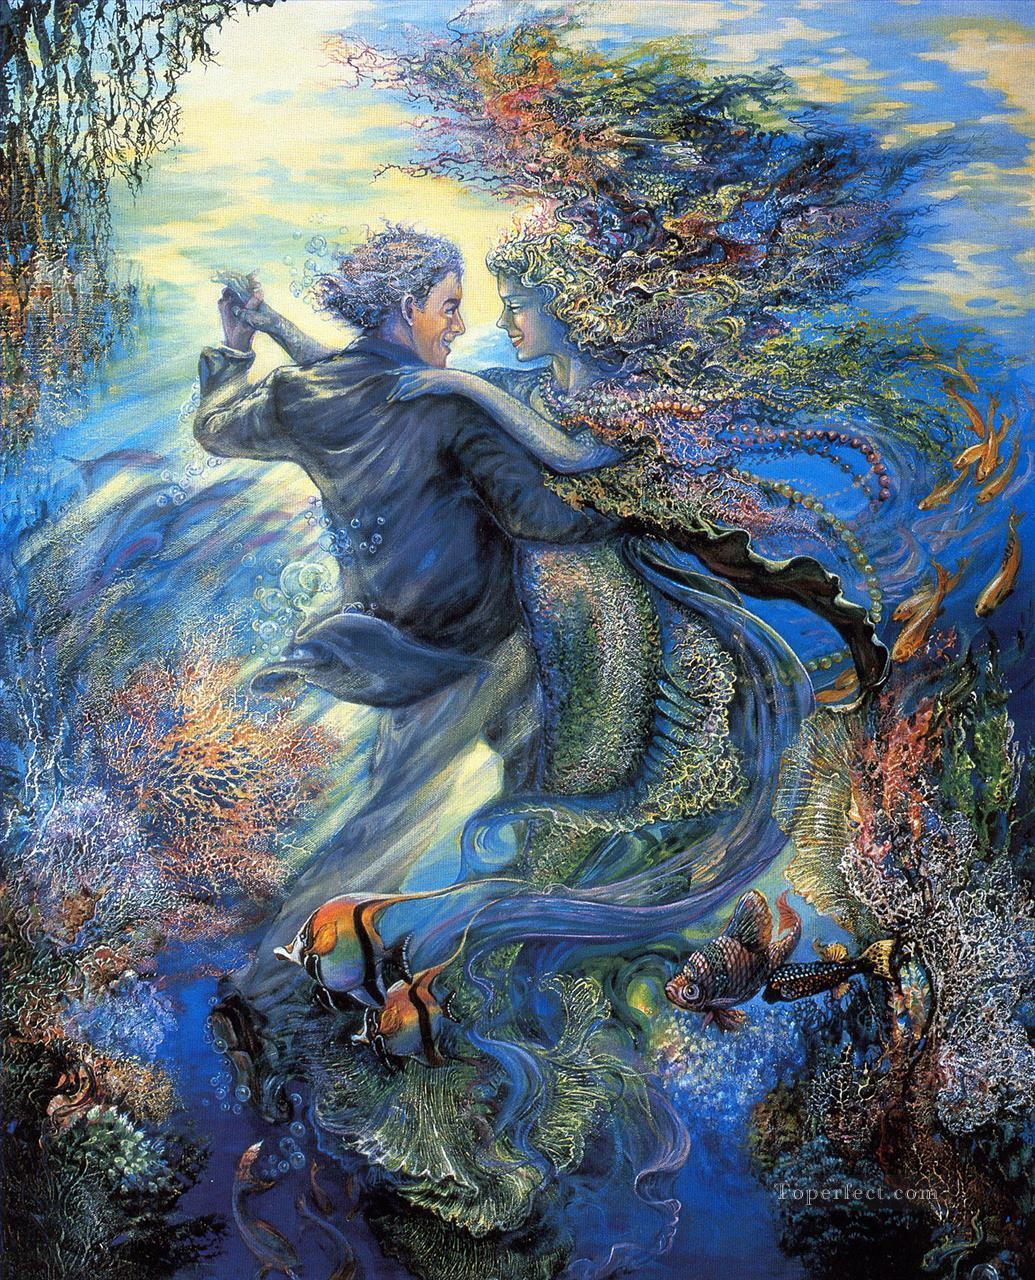 mermaid painting art oil paintings